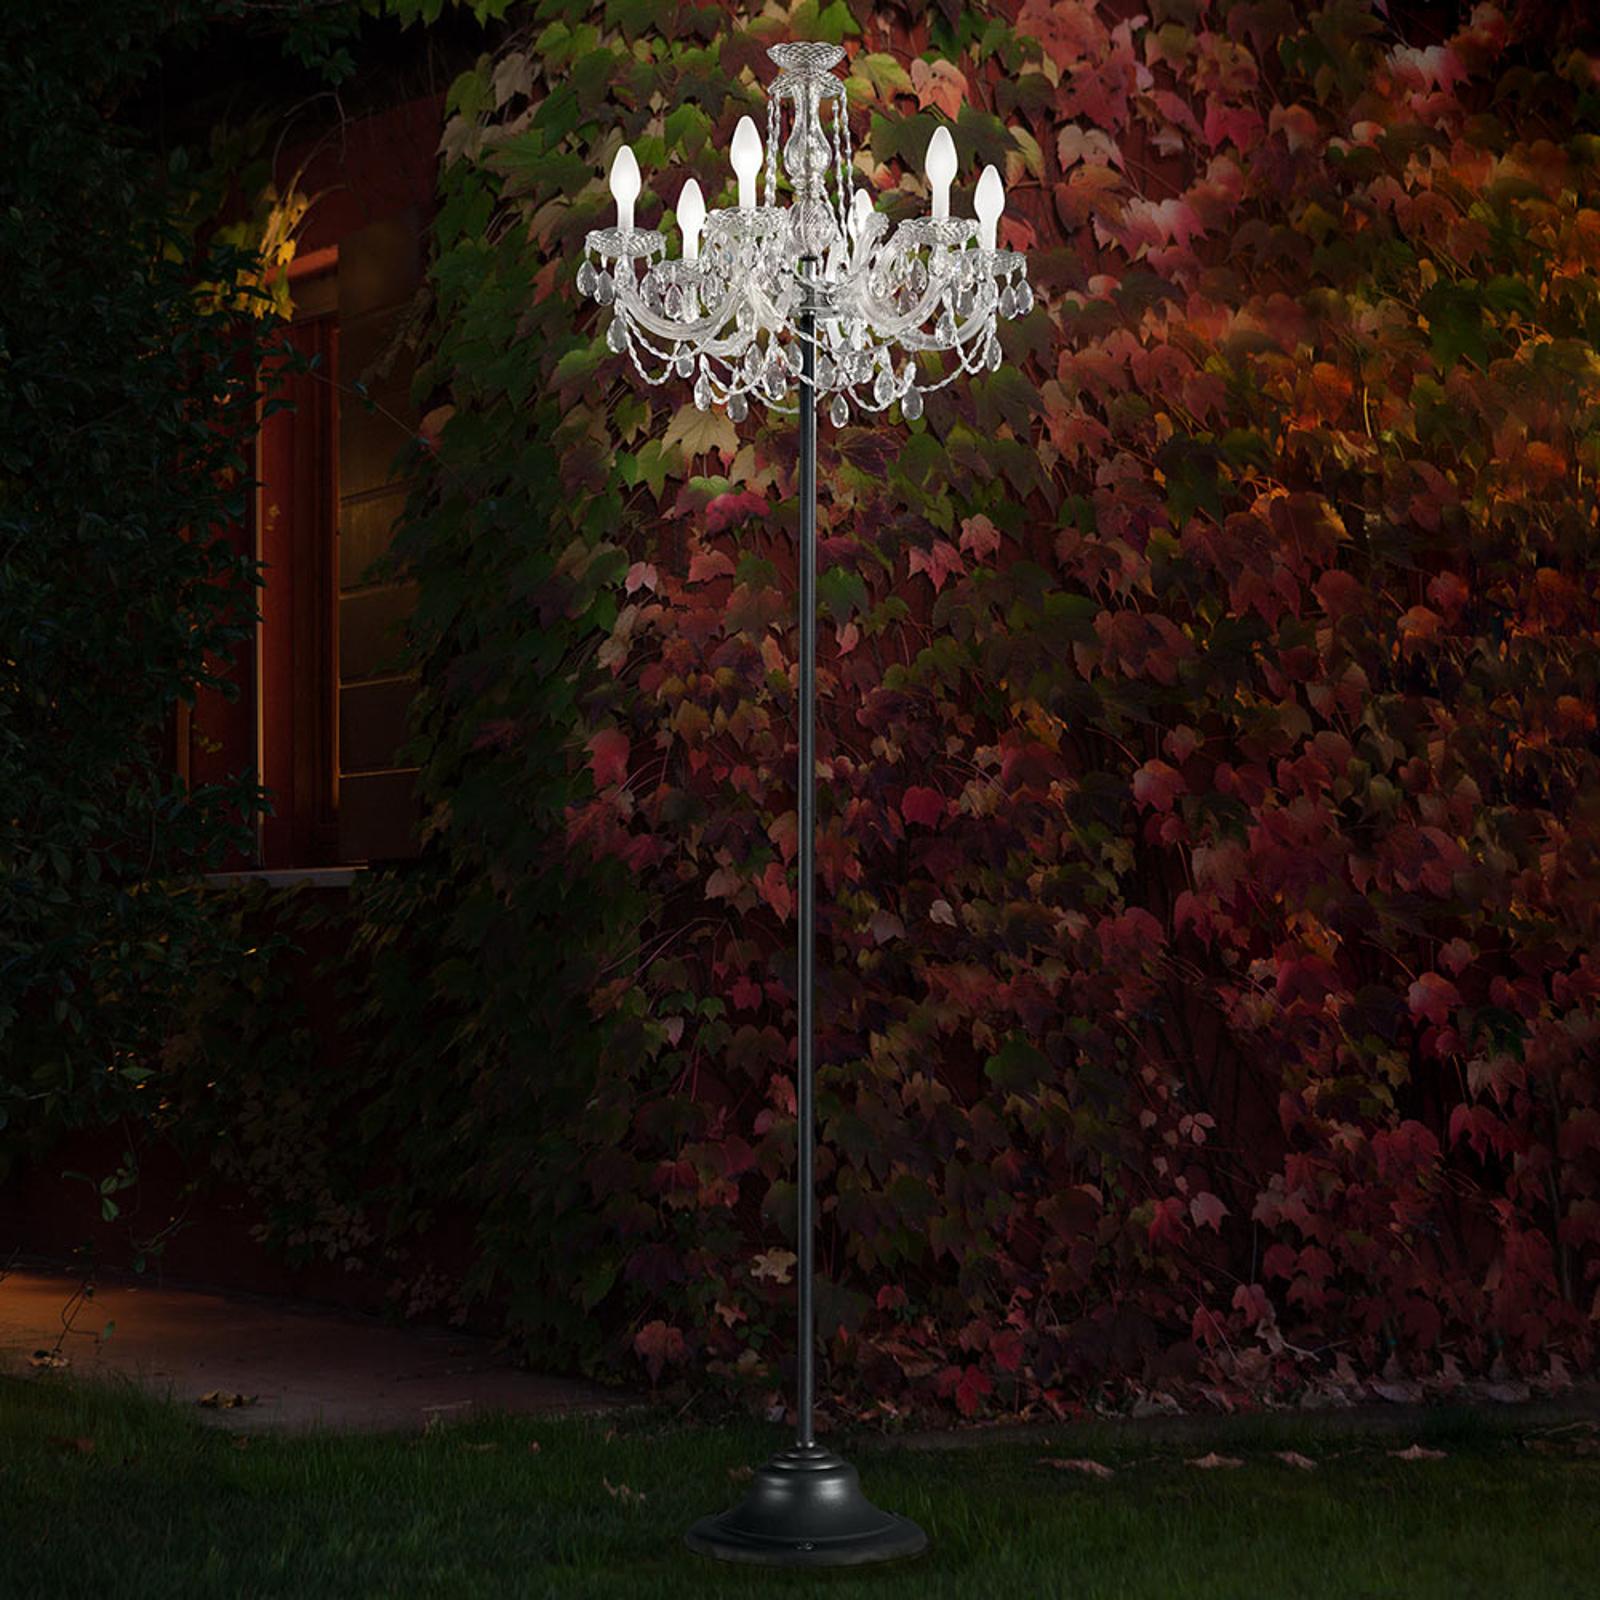 Lampadaire ext. RGBW Drylight - commande par appli